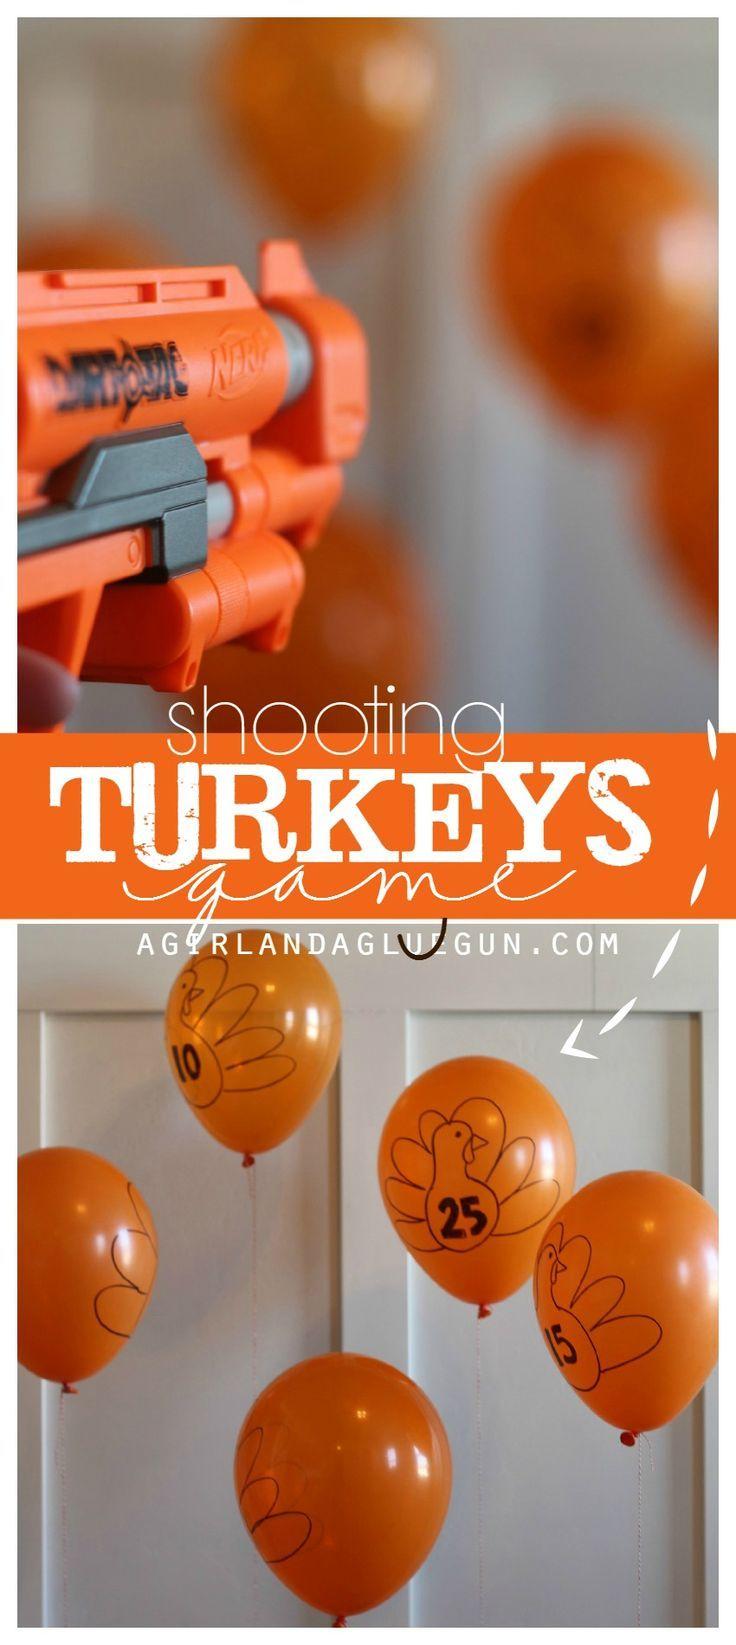 Diy thanksgiving paper decor - Shooting Turkeys Game Thanksgiving